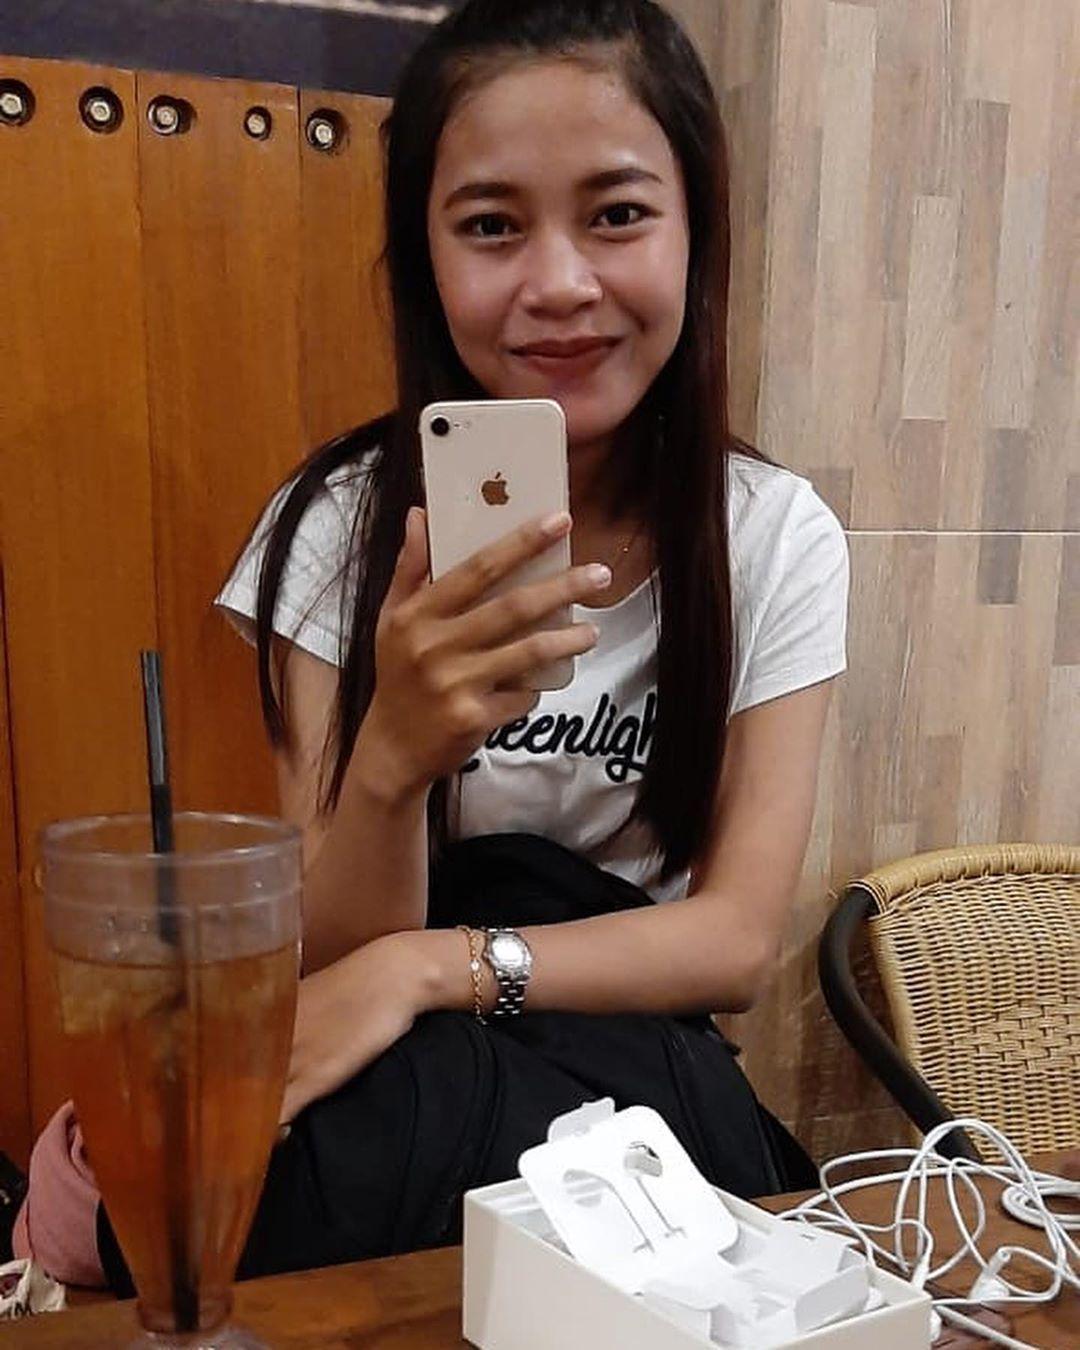 Alhamdulilah Sold Out Iphone 8 64 Gb Gold Makasih Kak Lizar Atas Pembelian Iphone Nya Semoga Berkah Ya Mirror Selfie Iphone Selfie